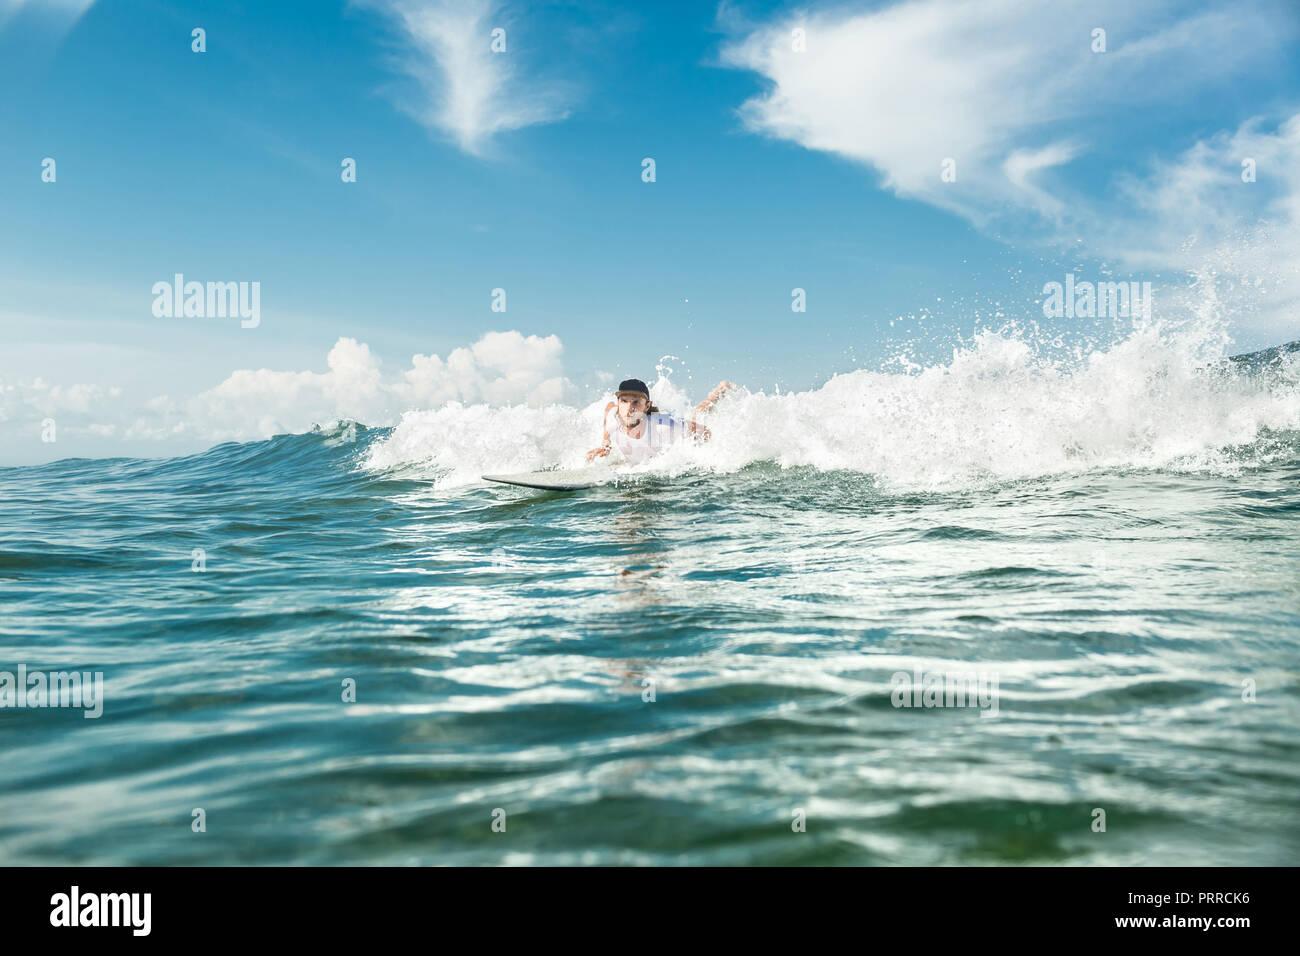 Natation surf surfeur mâle sur l'océan en bord de plage de Nusa Dua, Bali, Indonésie Photo Stock